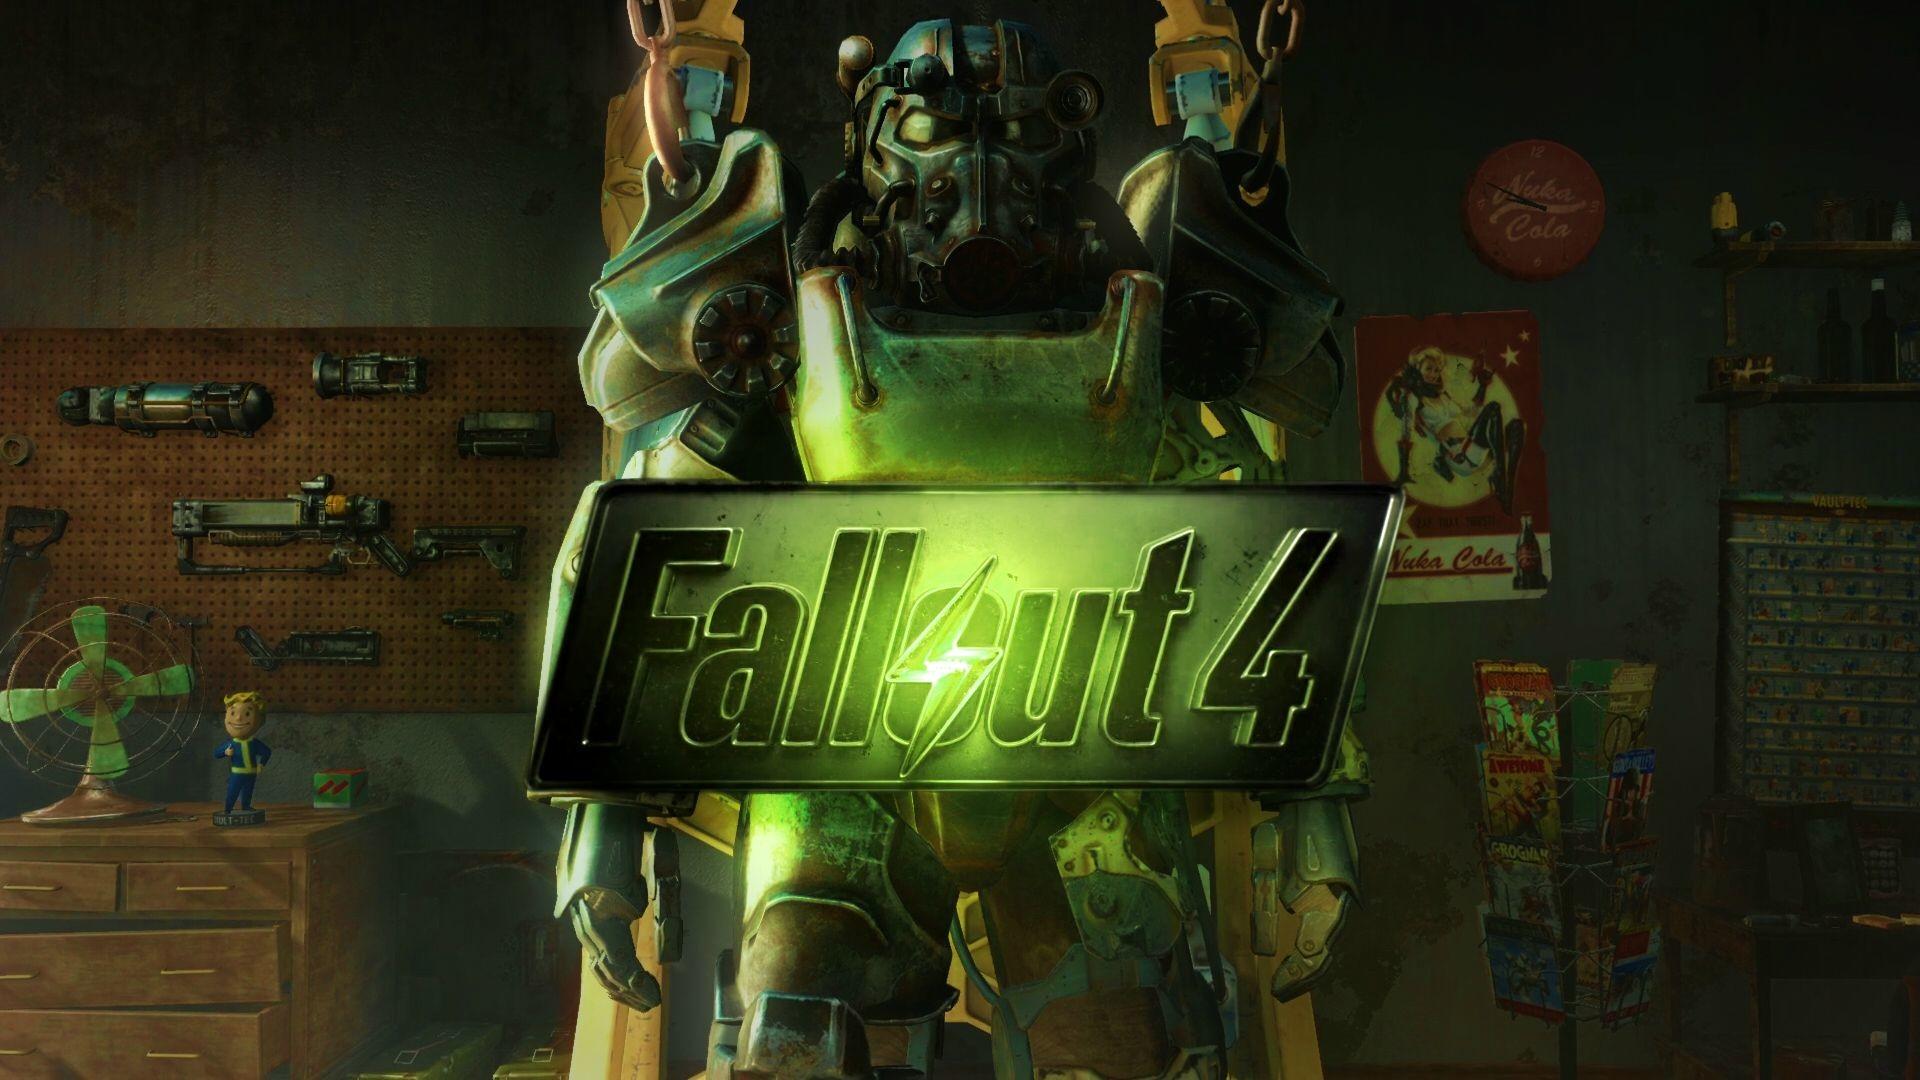 fallout 4 wallpaper – Google Search